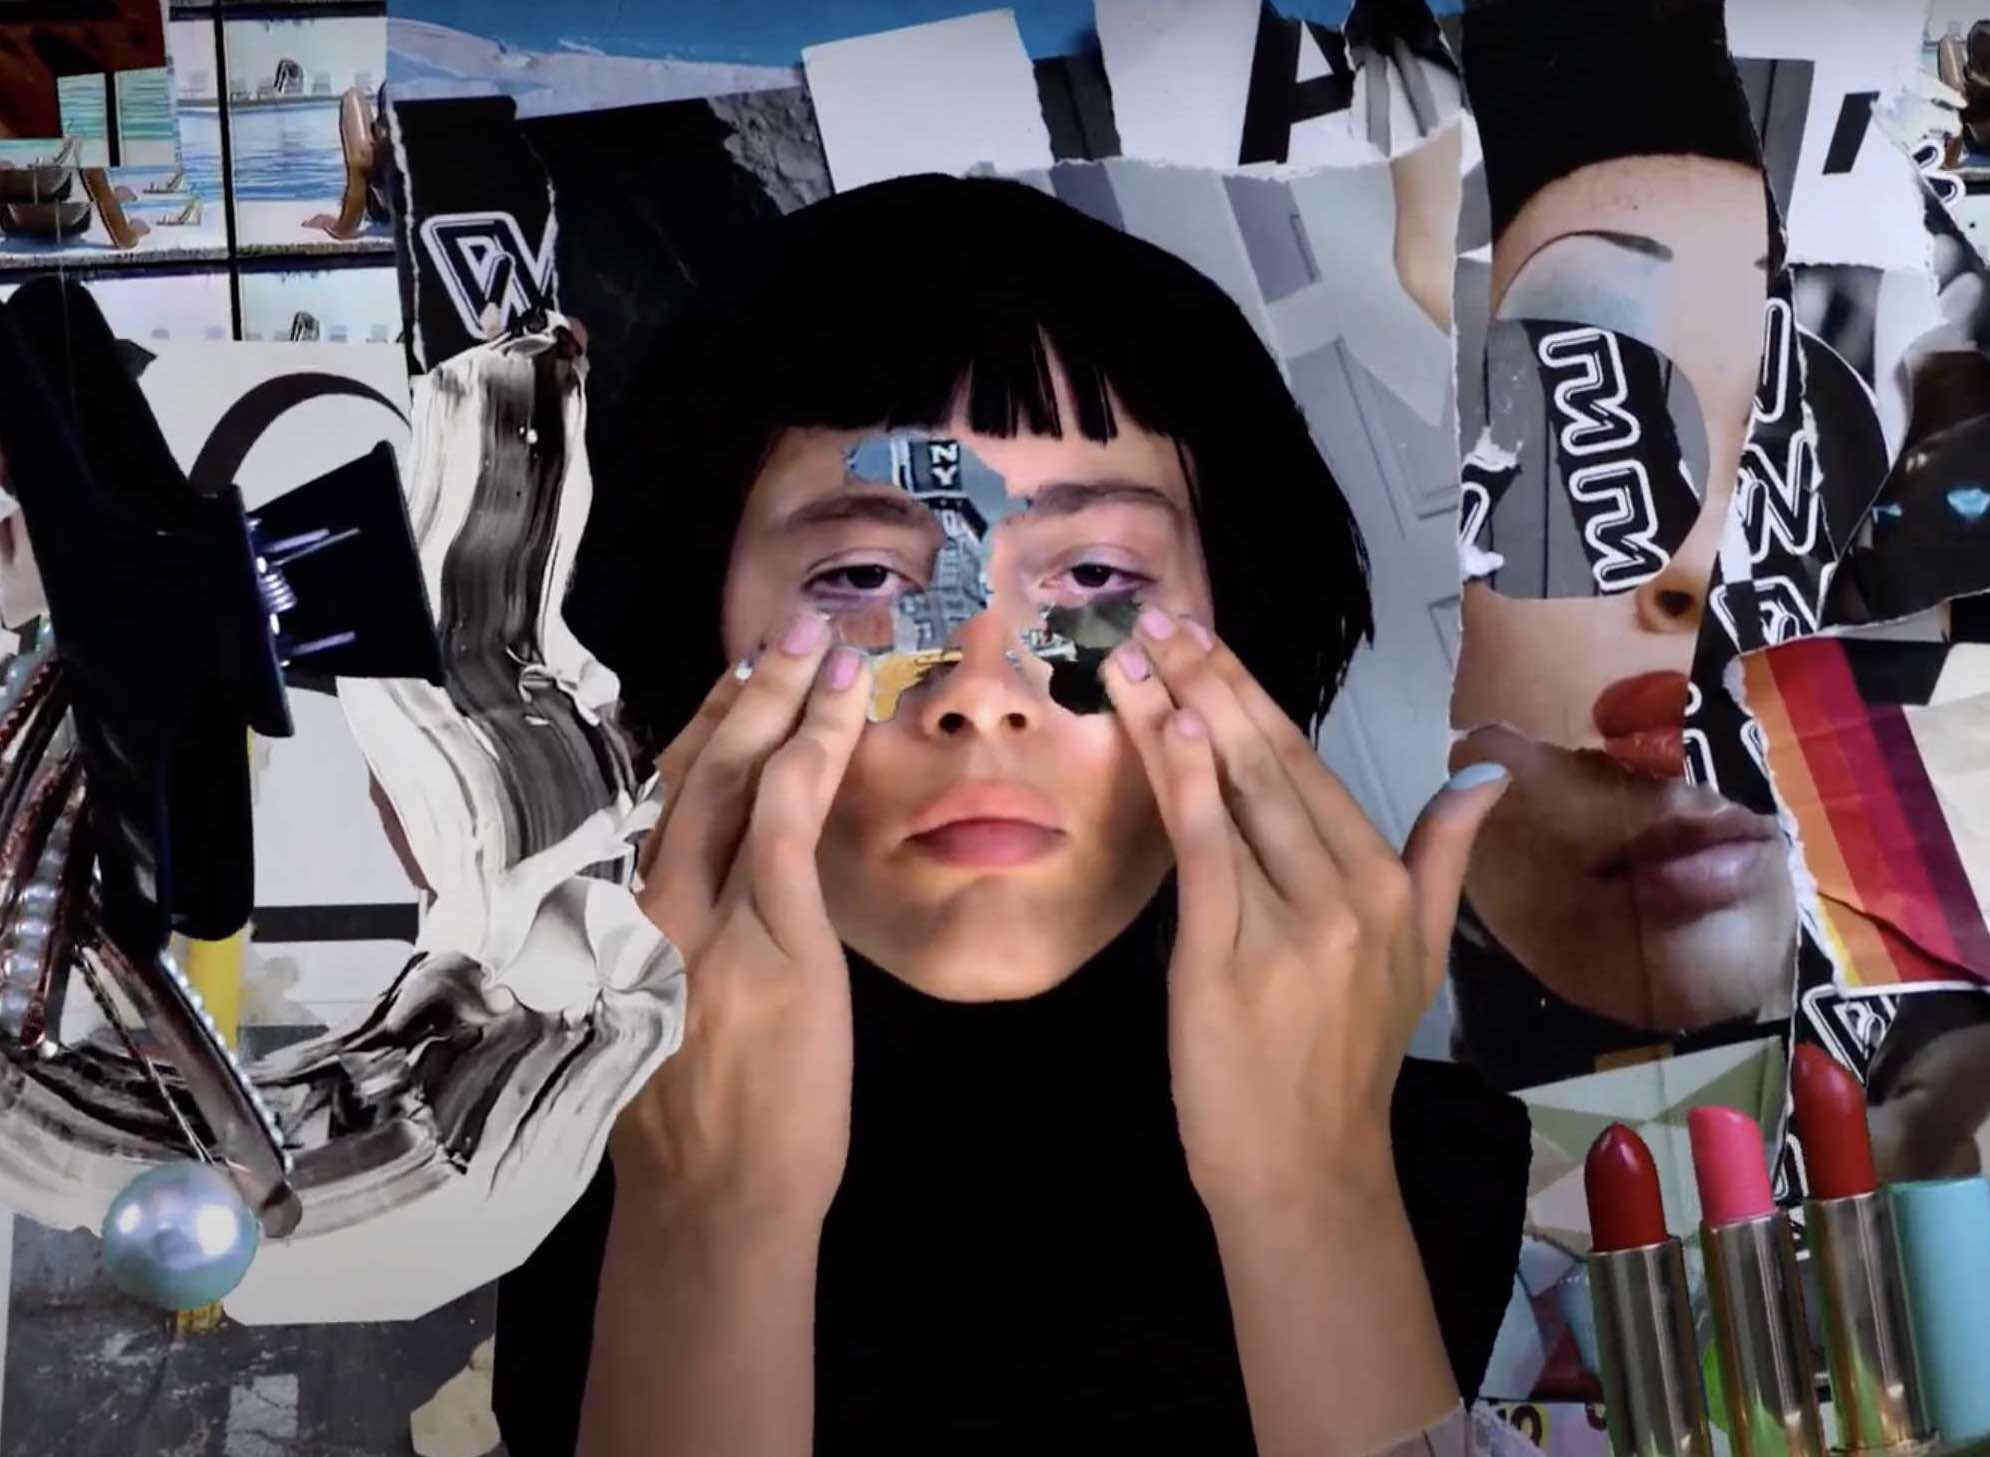 Loop infinito: il lockdown in un collage digitale di Quentin Jones